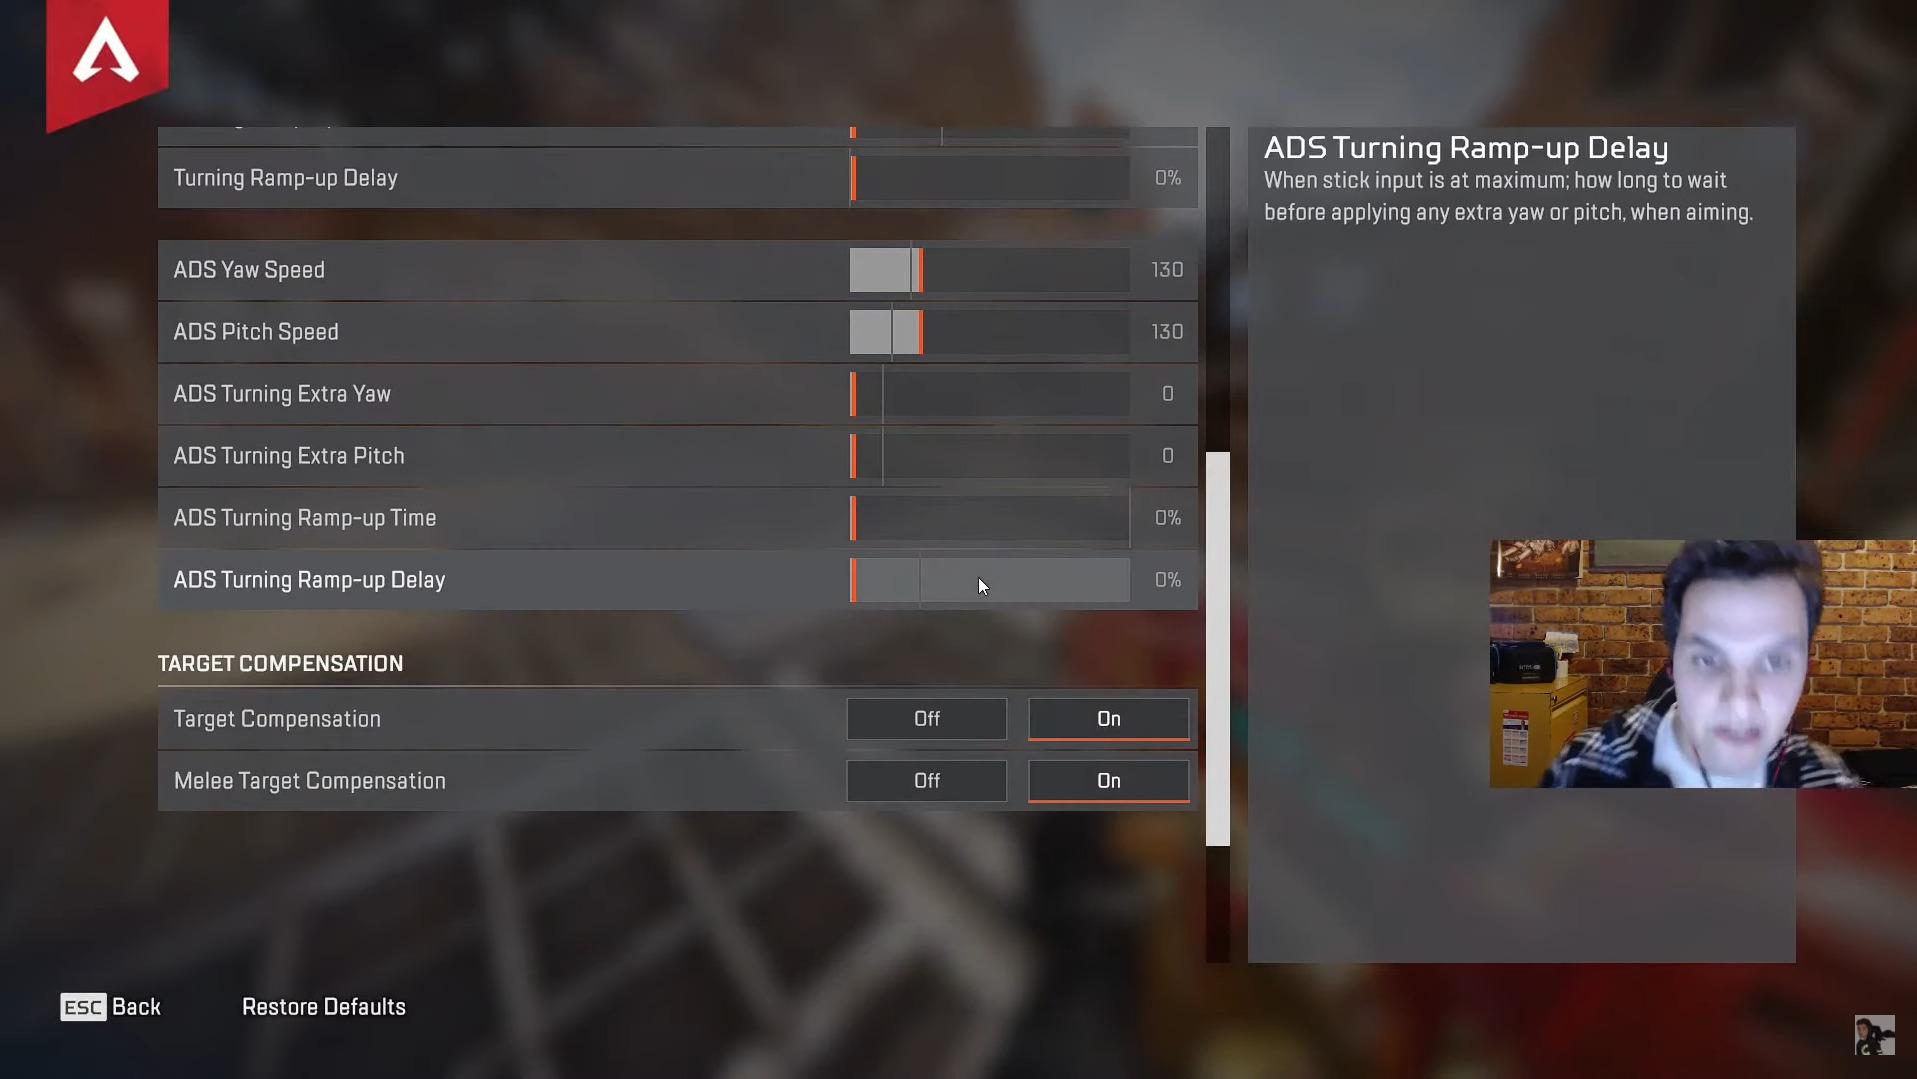 【Apex Legends】PAD世界最強!ジェンバーテン(Genburten) 最新のボタン配置設定・感度設定・使っている周辺機器(デバイス) まとめ【エーペックスレジェンズ】